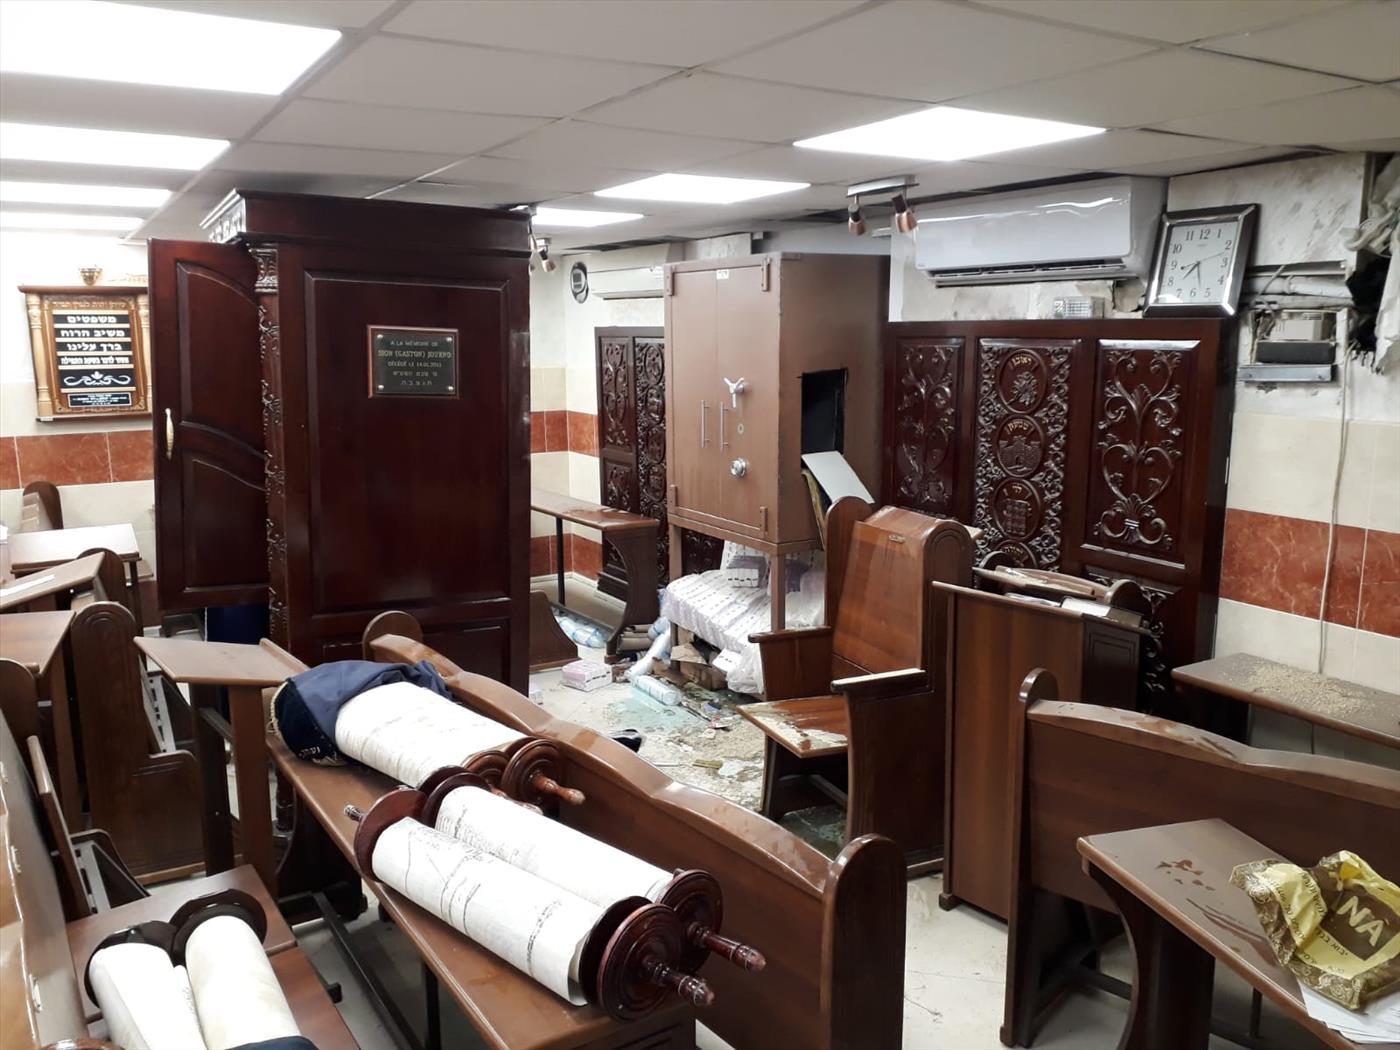 בית הכנסת המחולל (משטרת ישראל)